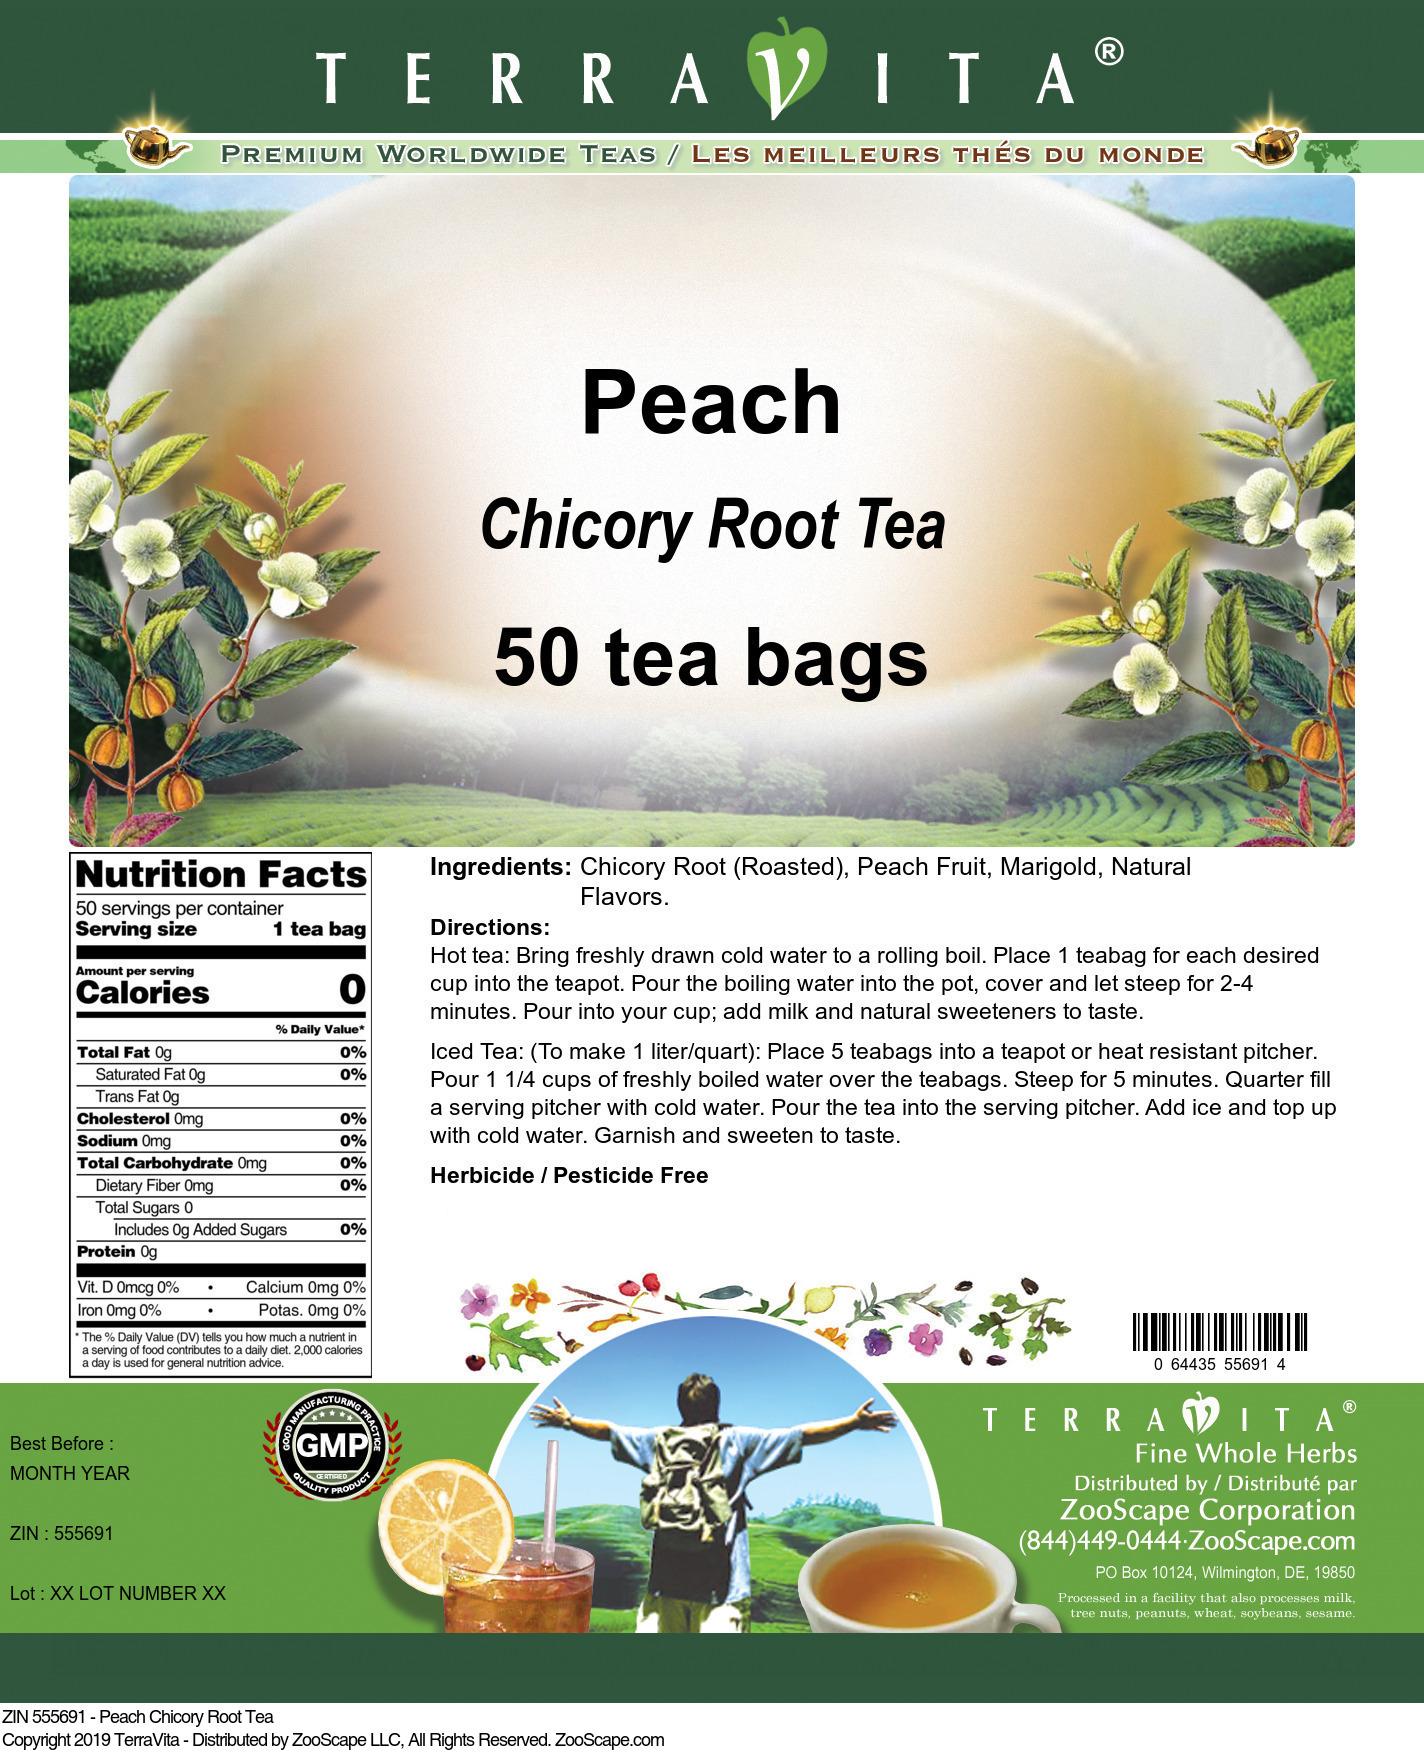 Peach Chicory Root